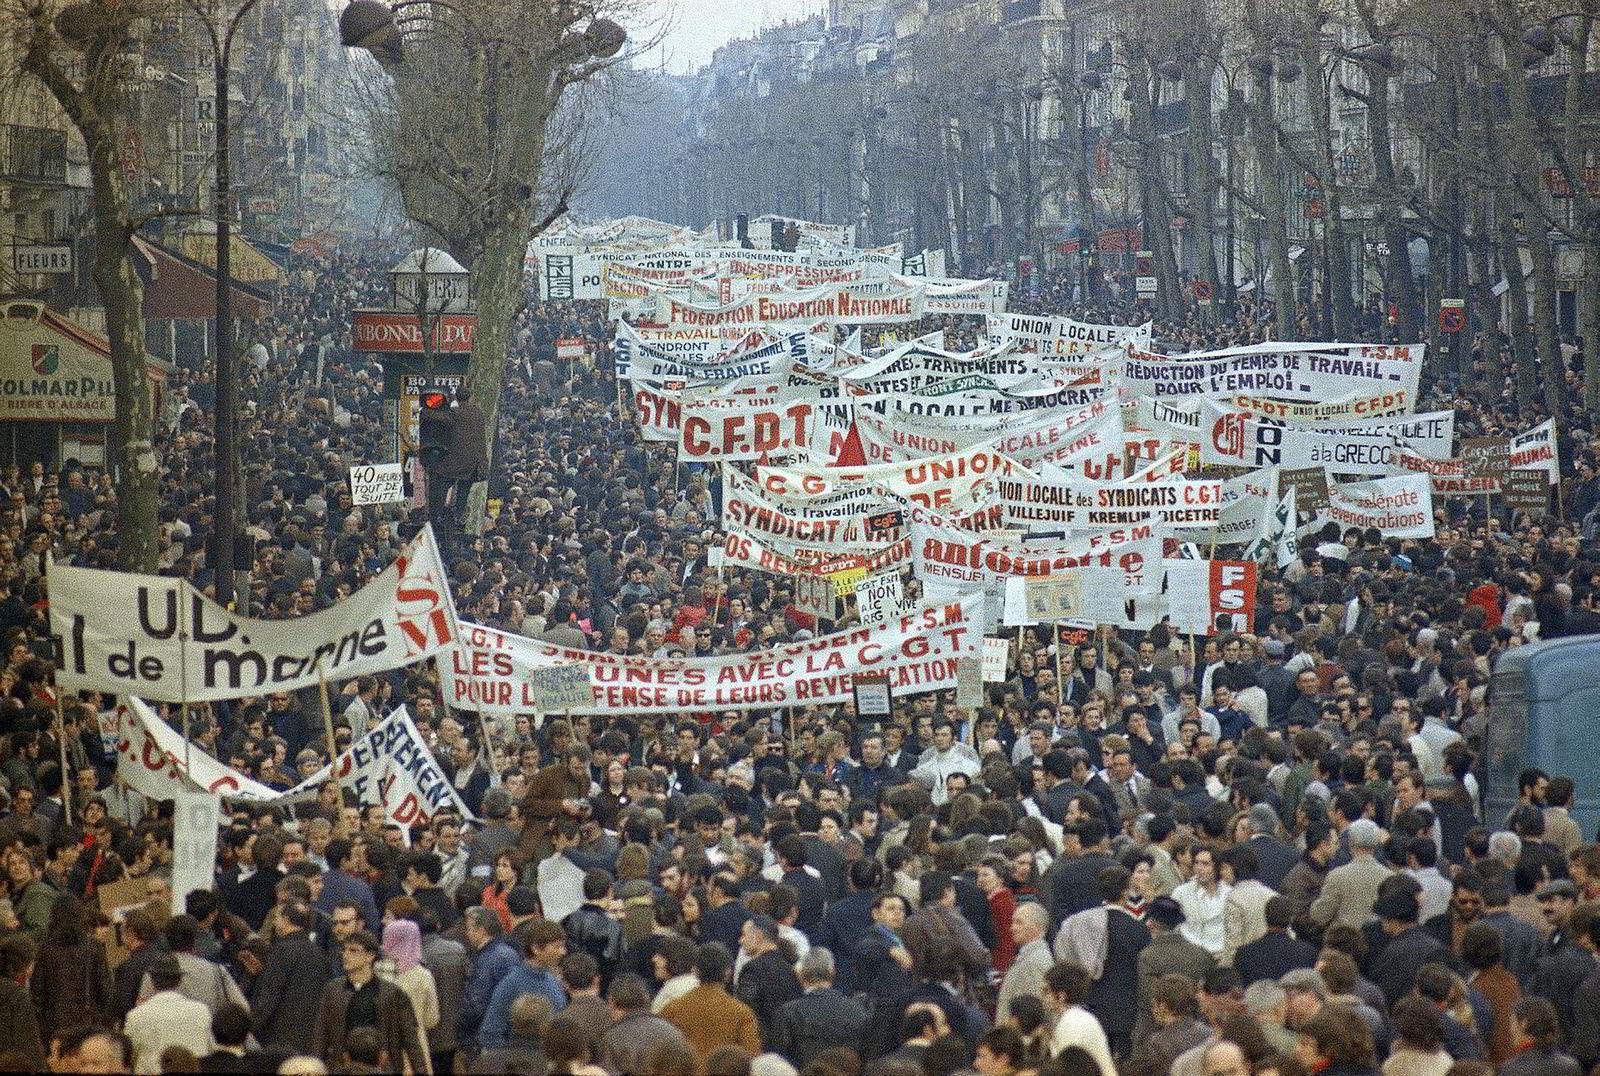 En massedemonstrasjon under generalstreiken. Studenter og arbeidere tar til gatene i Paris den 13. mai.